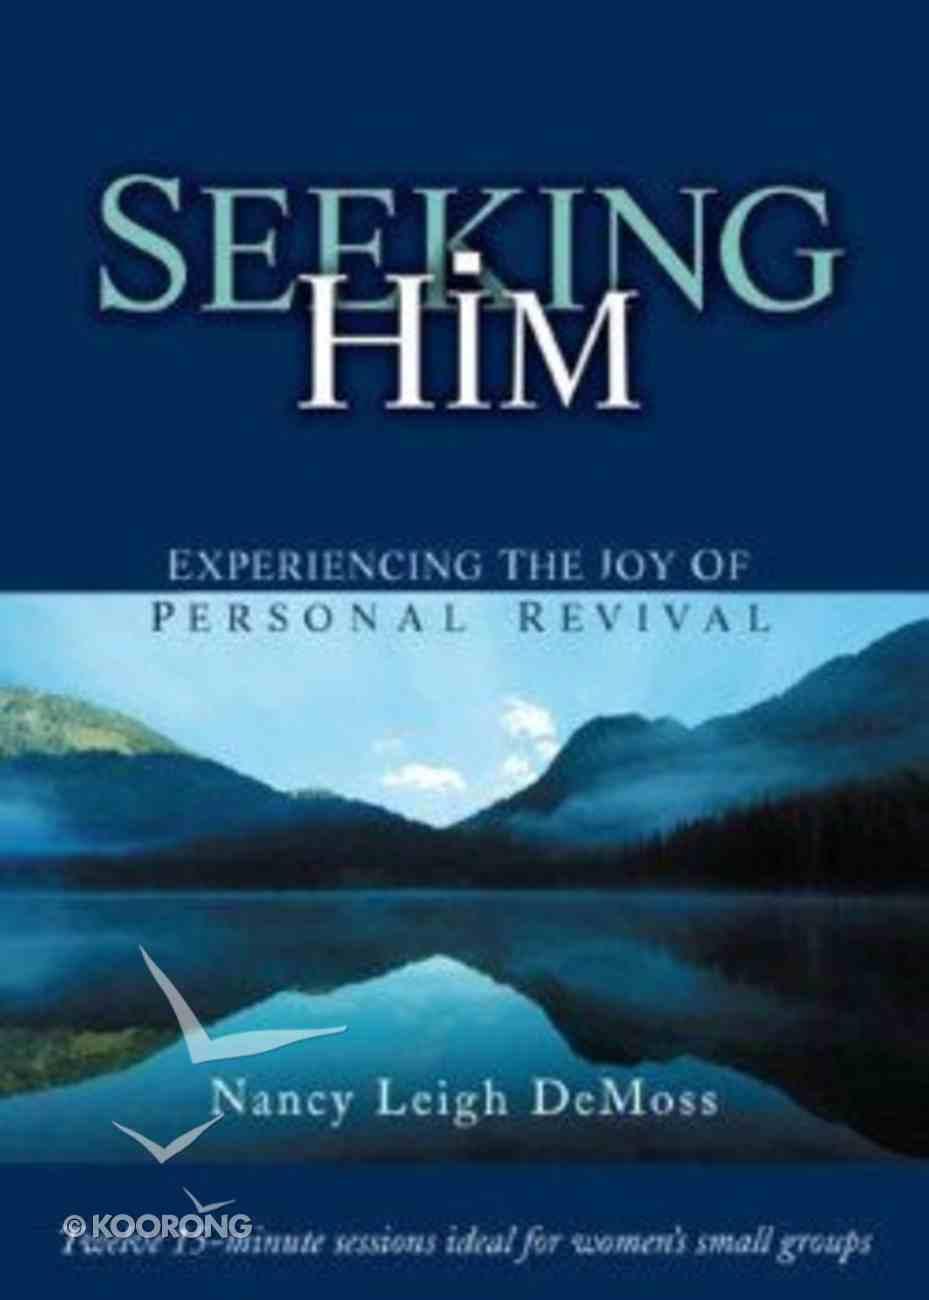 Seeking Him DVD DVD